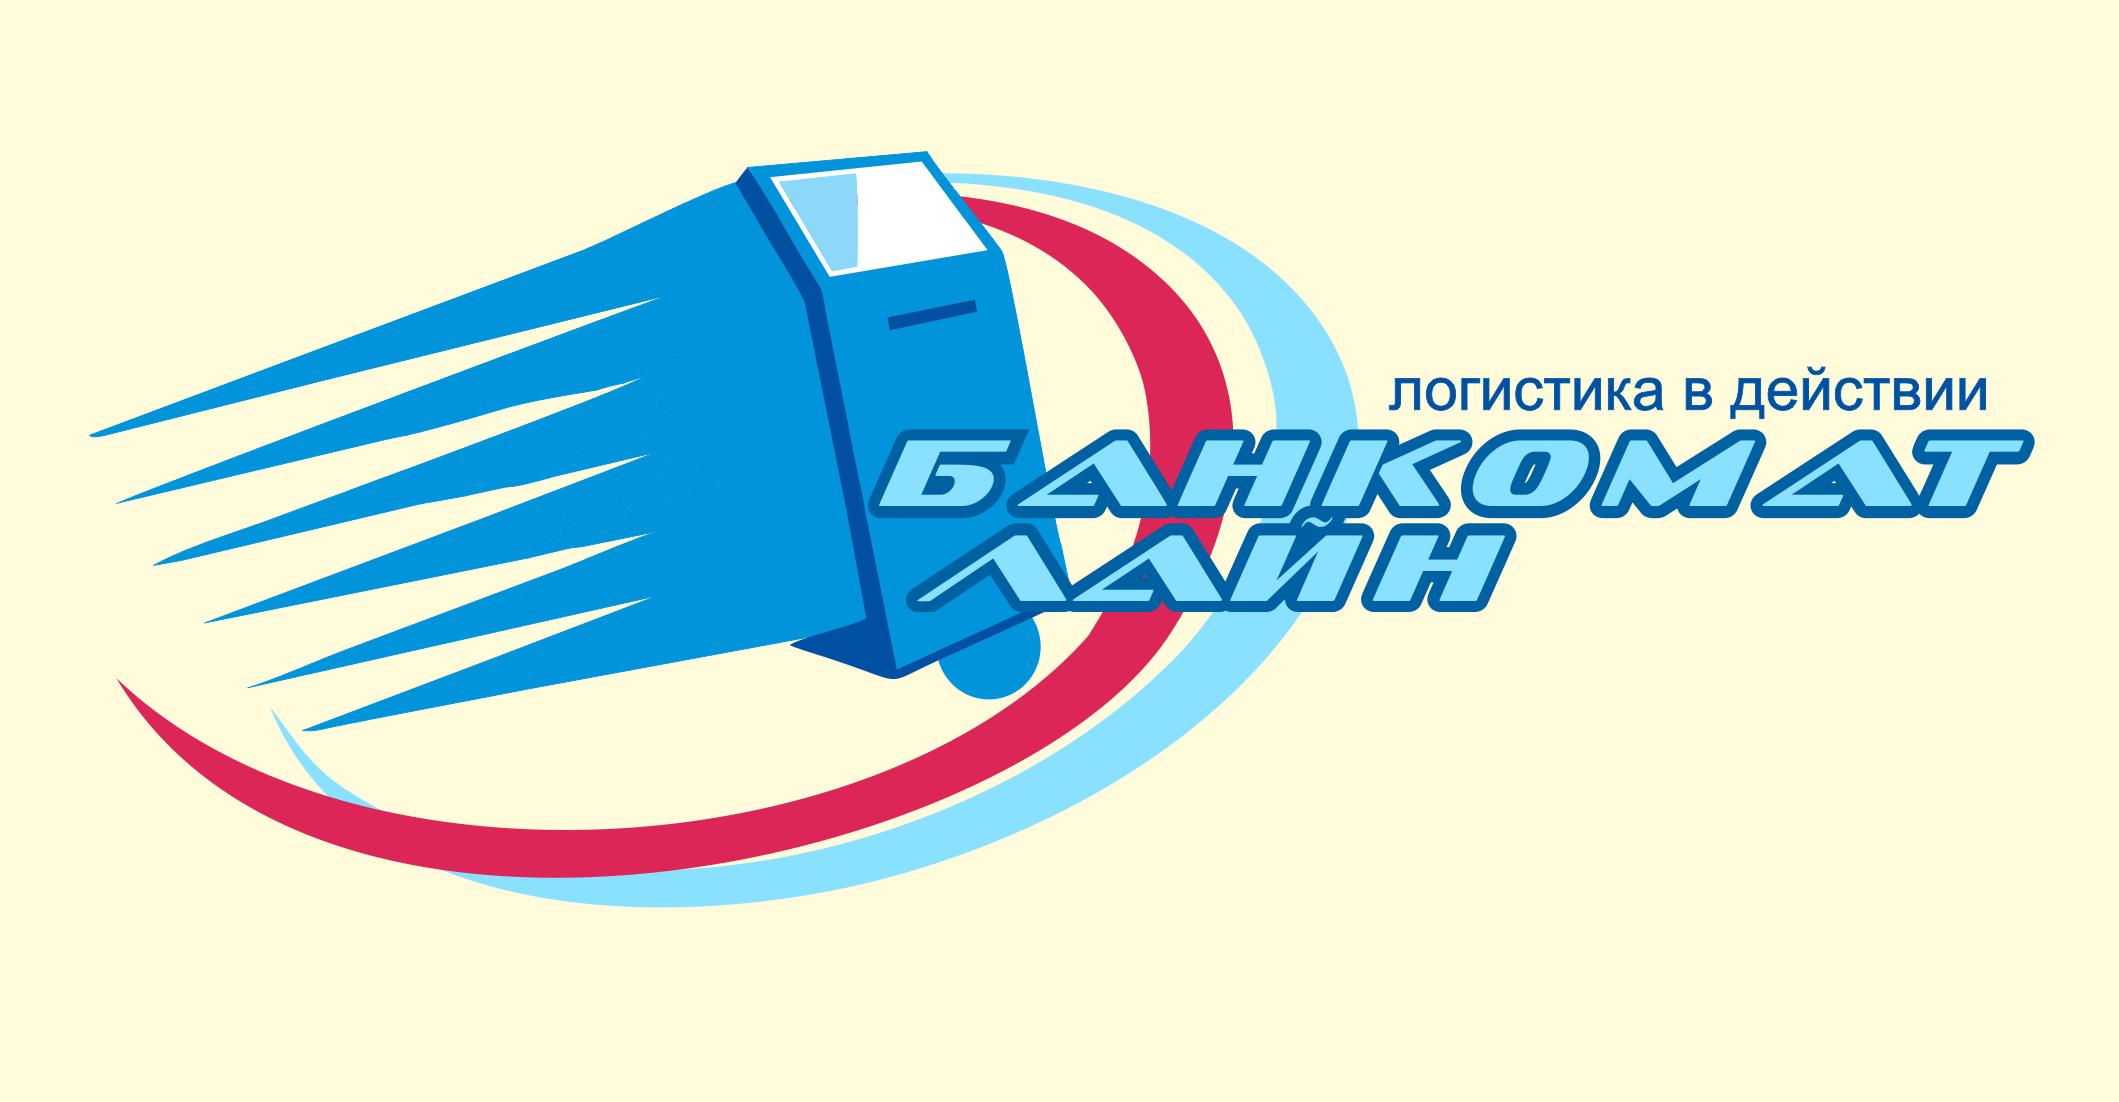 Разработка логотипа и слогана для транспортной компании фото f_320587cda4489c91.png